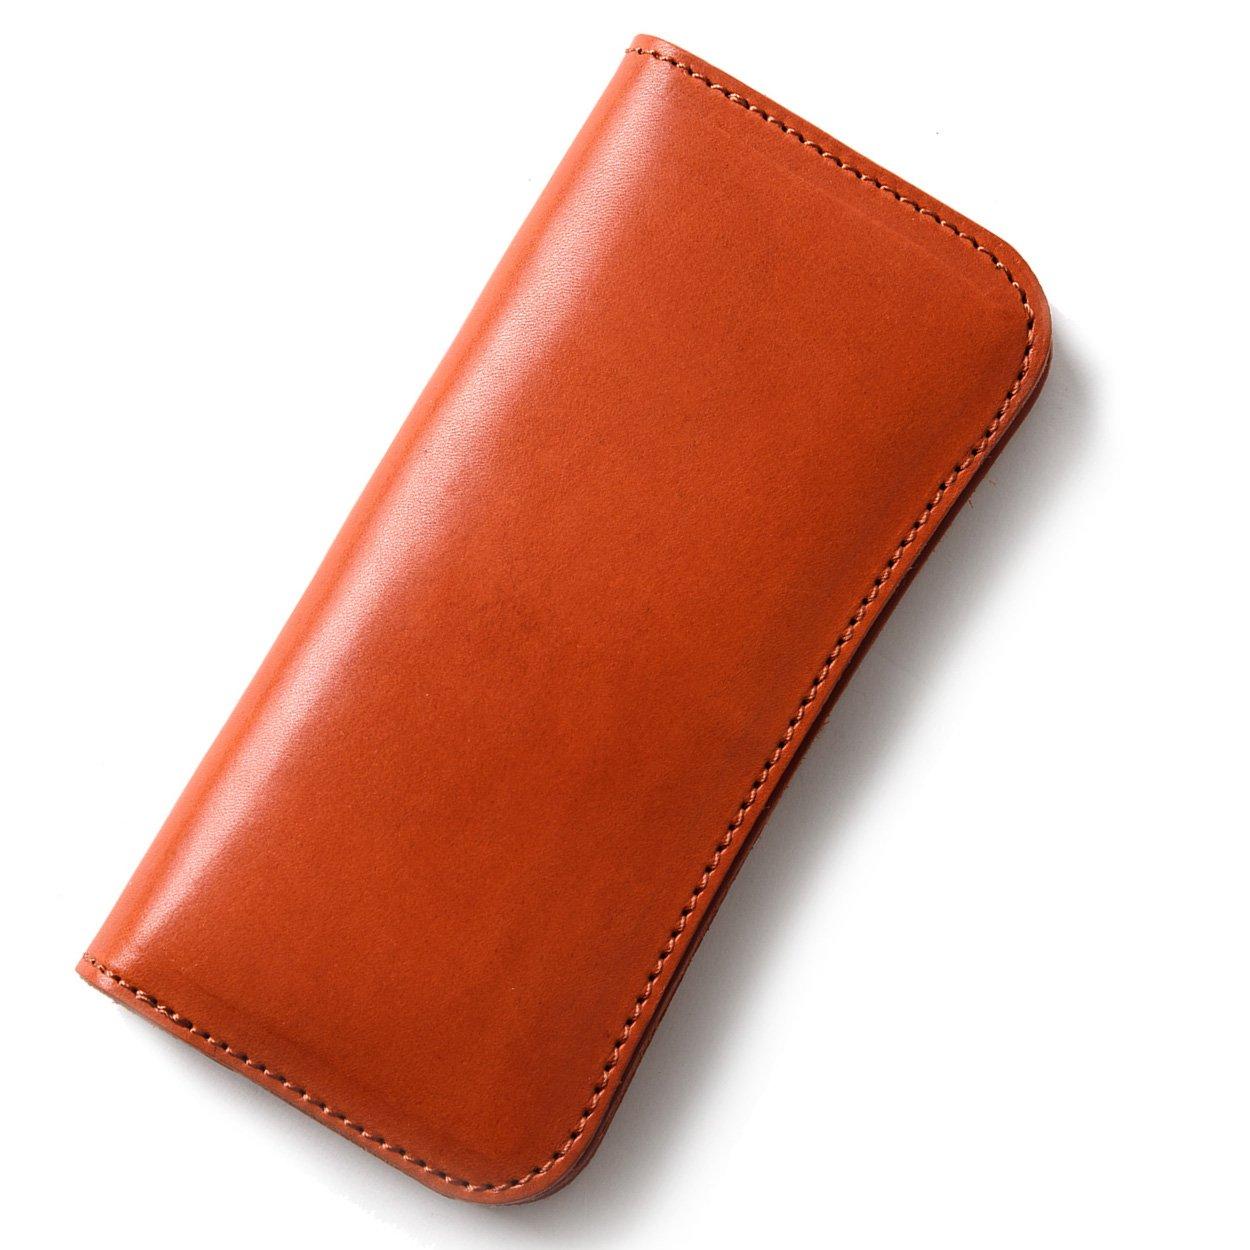 (東京下町工房)長財布 メンズ財布 本革 栃木レザー ヌメ革 日本製 全6色 B07BY94WMS オレンジ オレンジ